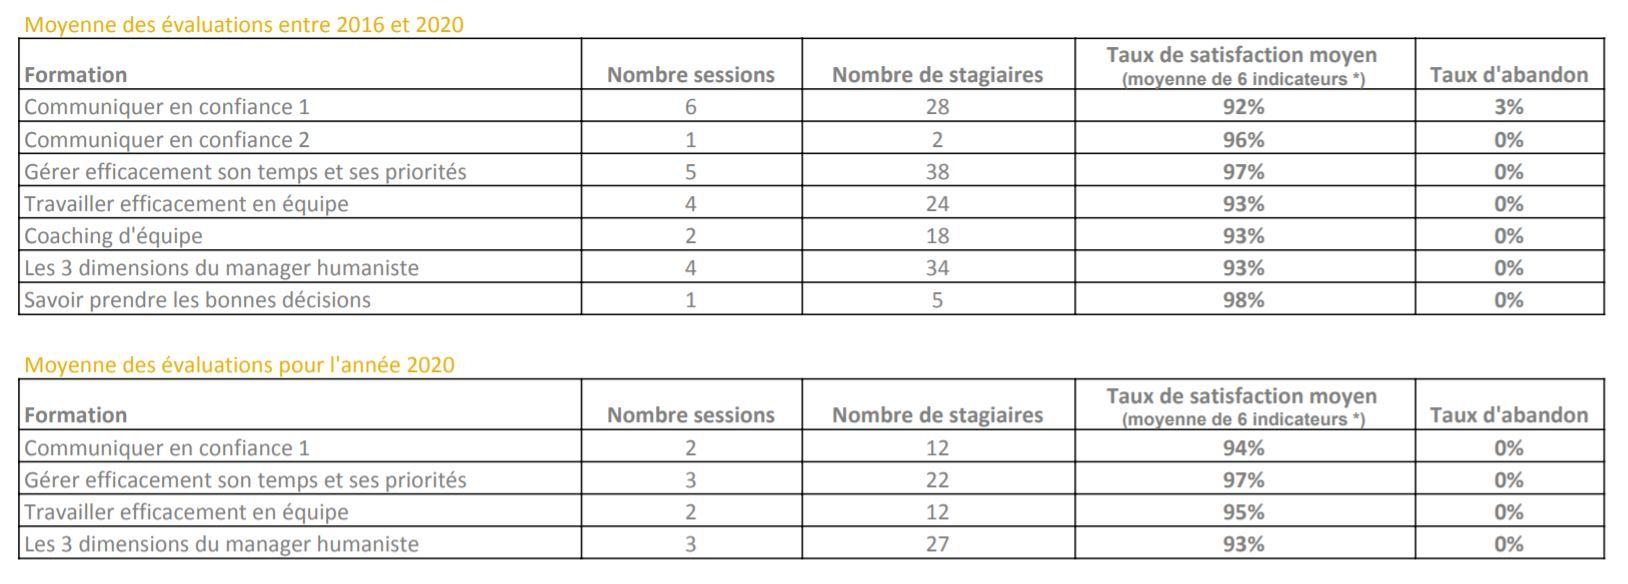 Tableau chiffres clés de satisfaction des formations